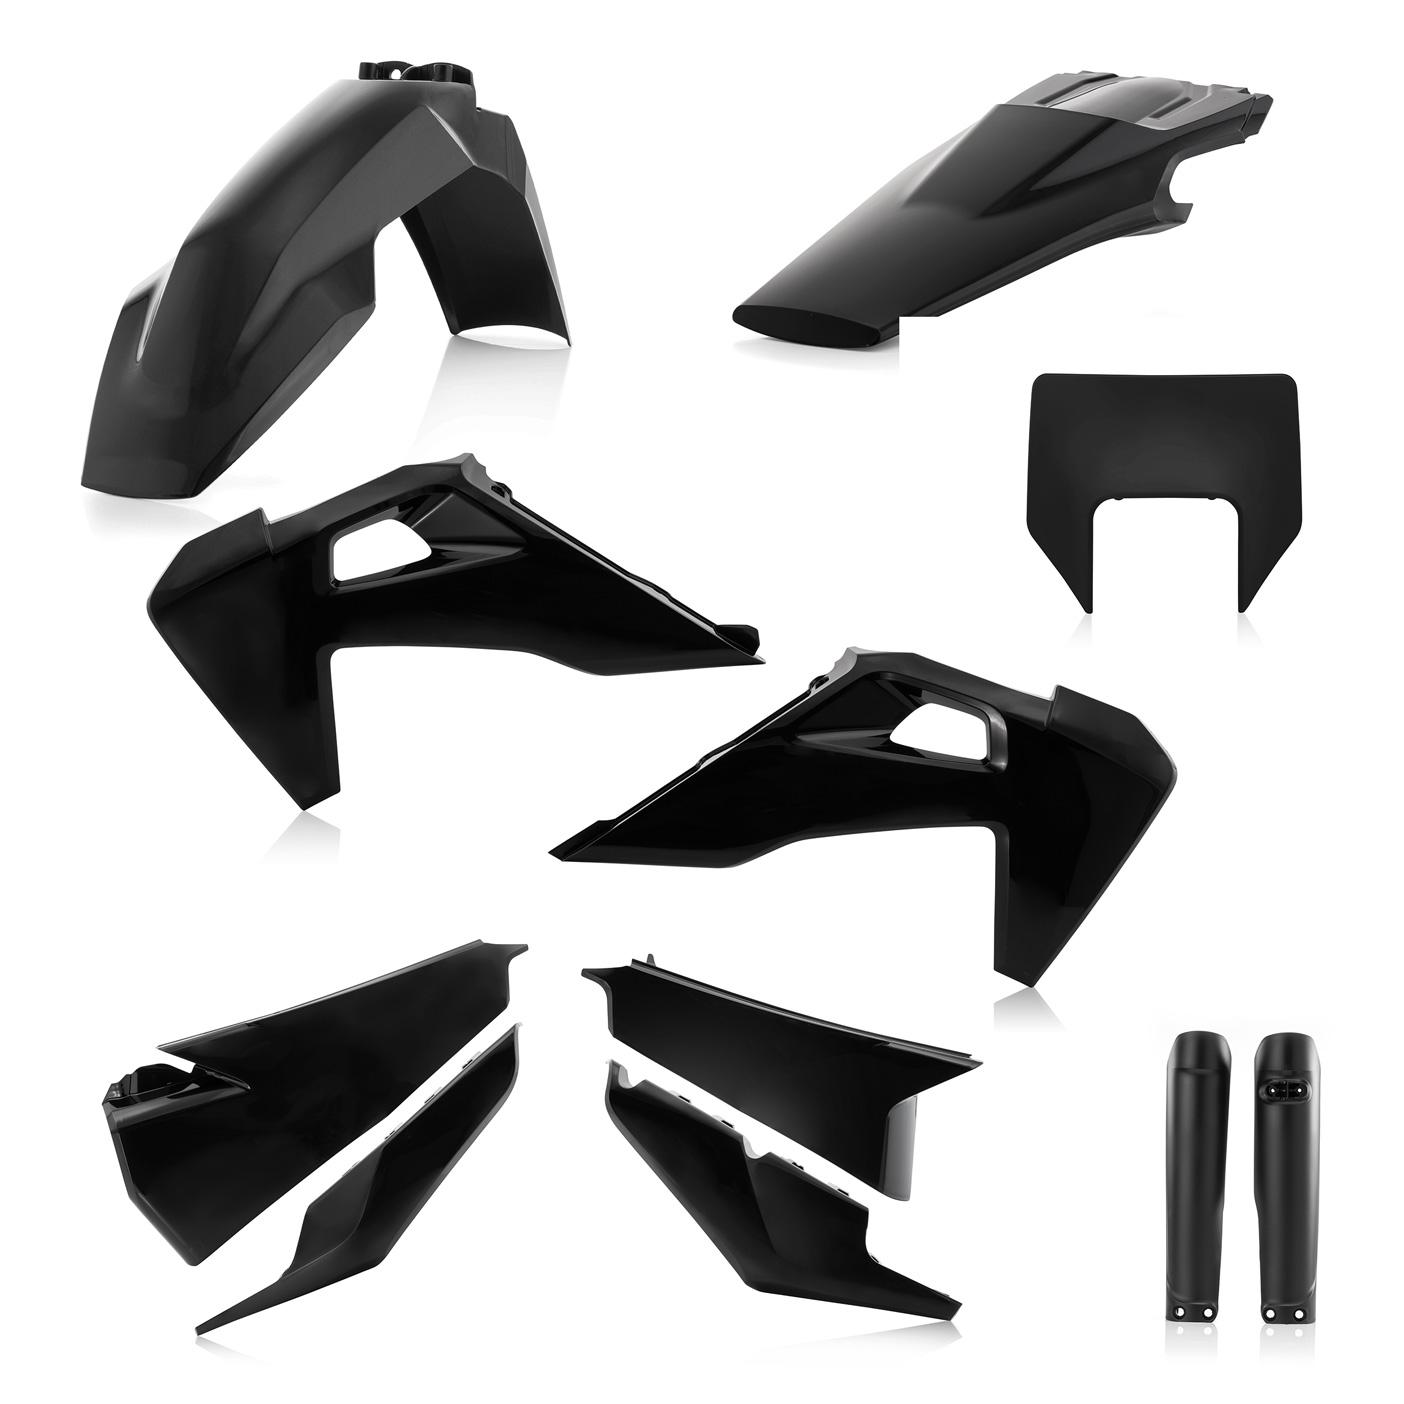 Plastikteile für deine Husqvarna FE und TE in schwarz, bestehend aus Frontkotflügel, Heckkotflügel, Tankspoiler, Seitenteilen, Lampenmaske und Gabelschoner